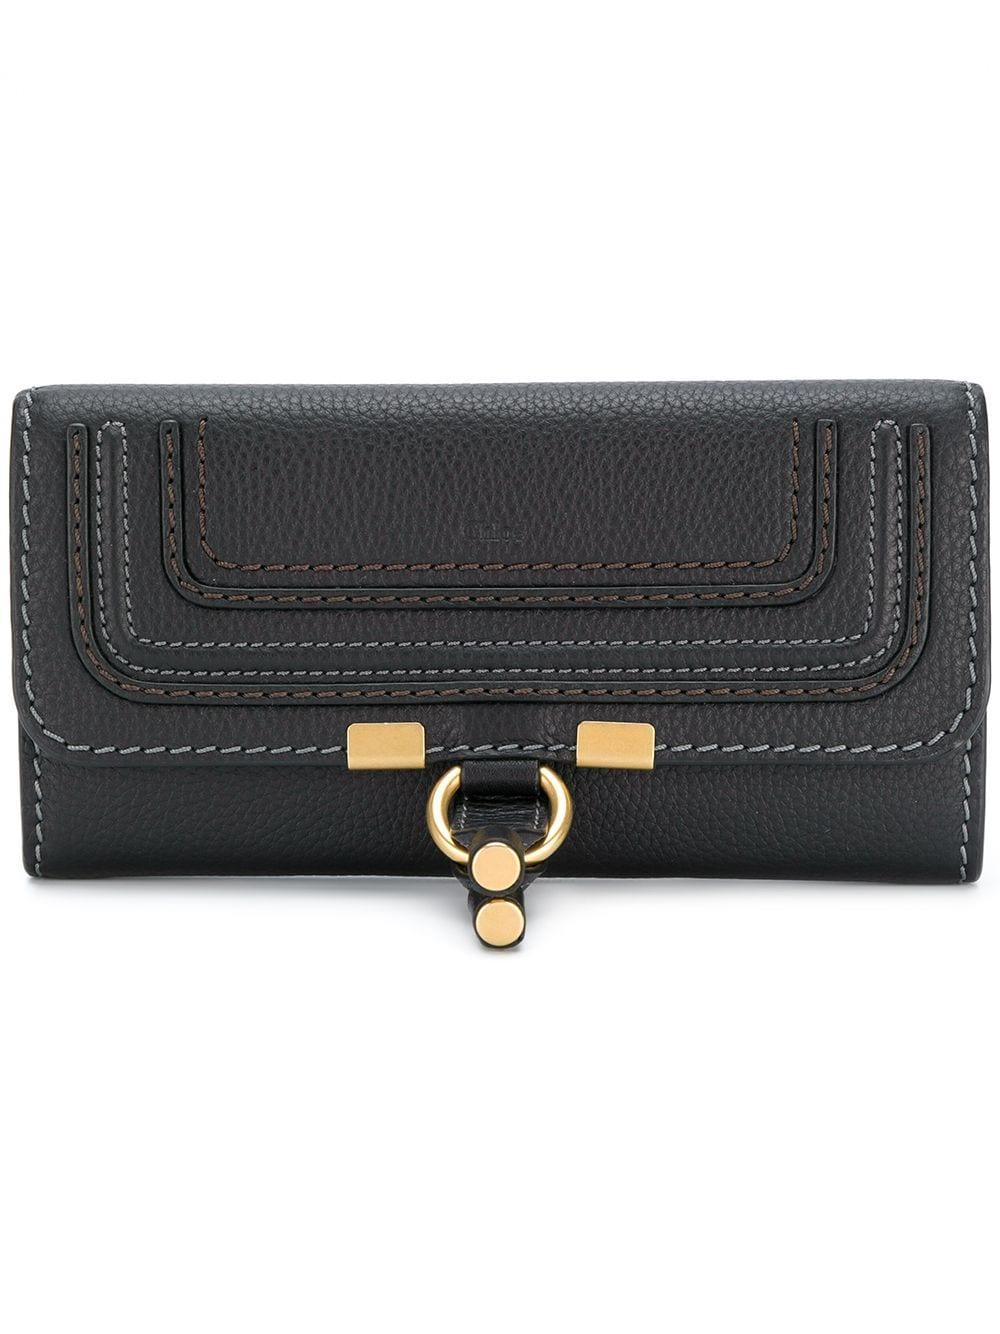 Chloé Marcie Long Wallet 810лв